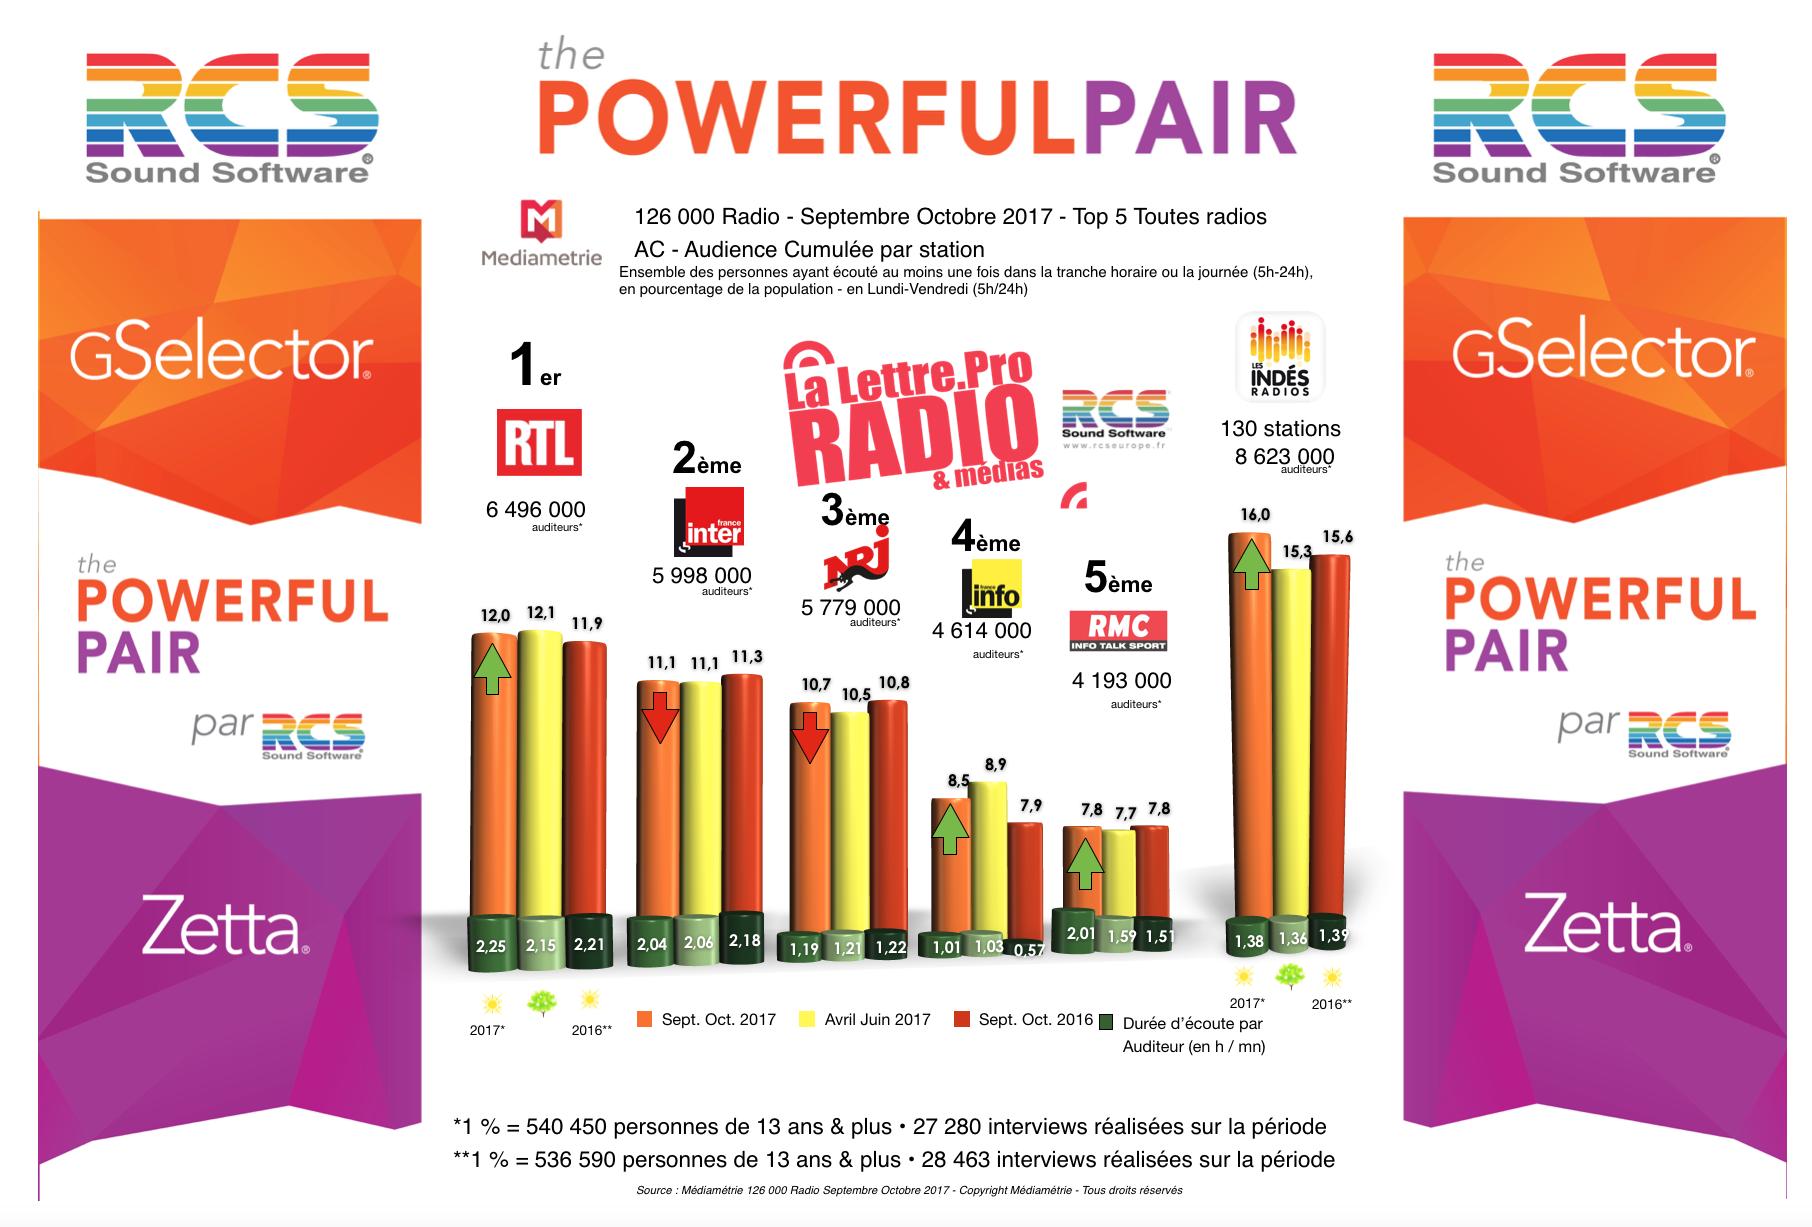 Diagramme exclusif LLP/RCS GSelector Zetta - TOP 5 toutes radios confondues en Lundi-Vendredi - 126 000 Radio Septembre-Octobre 2017